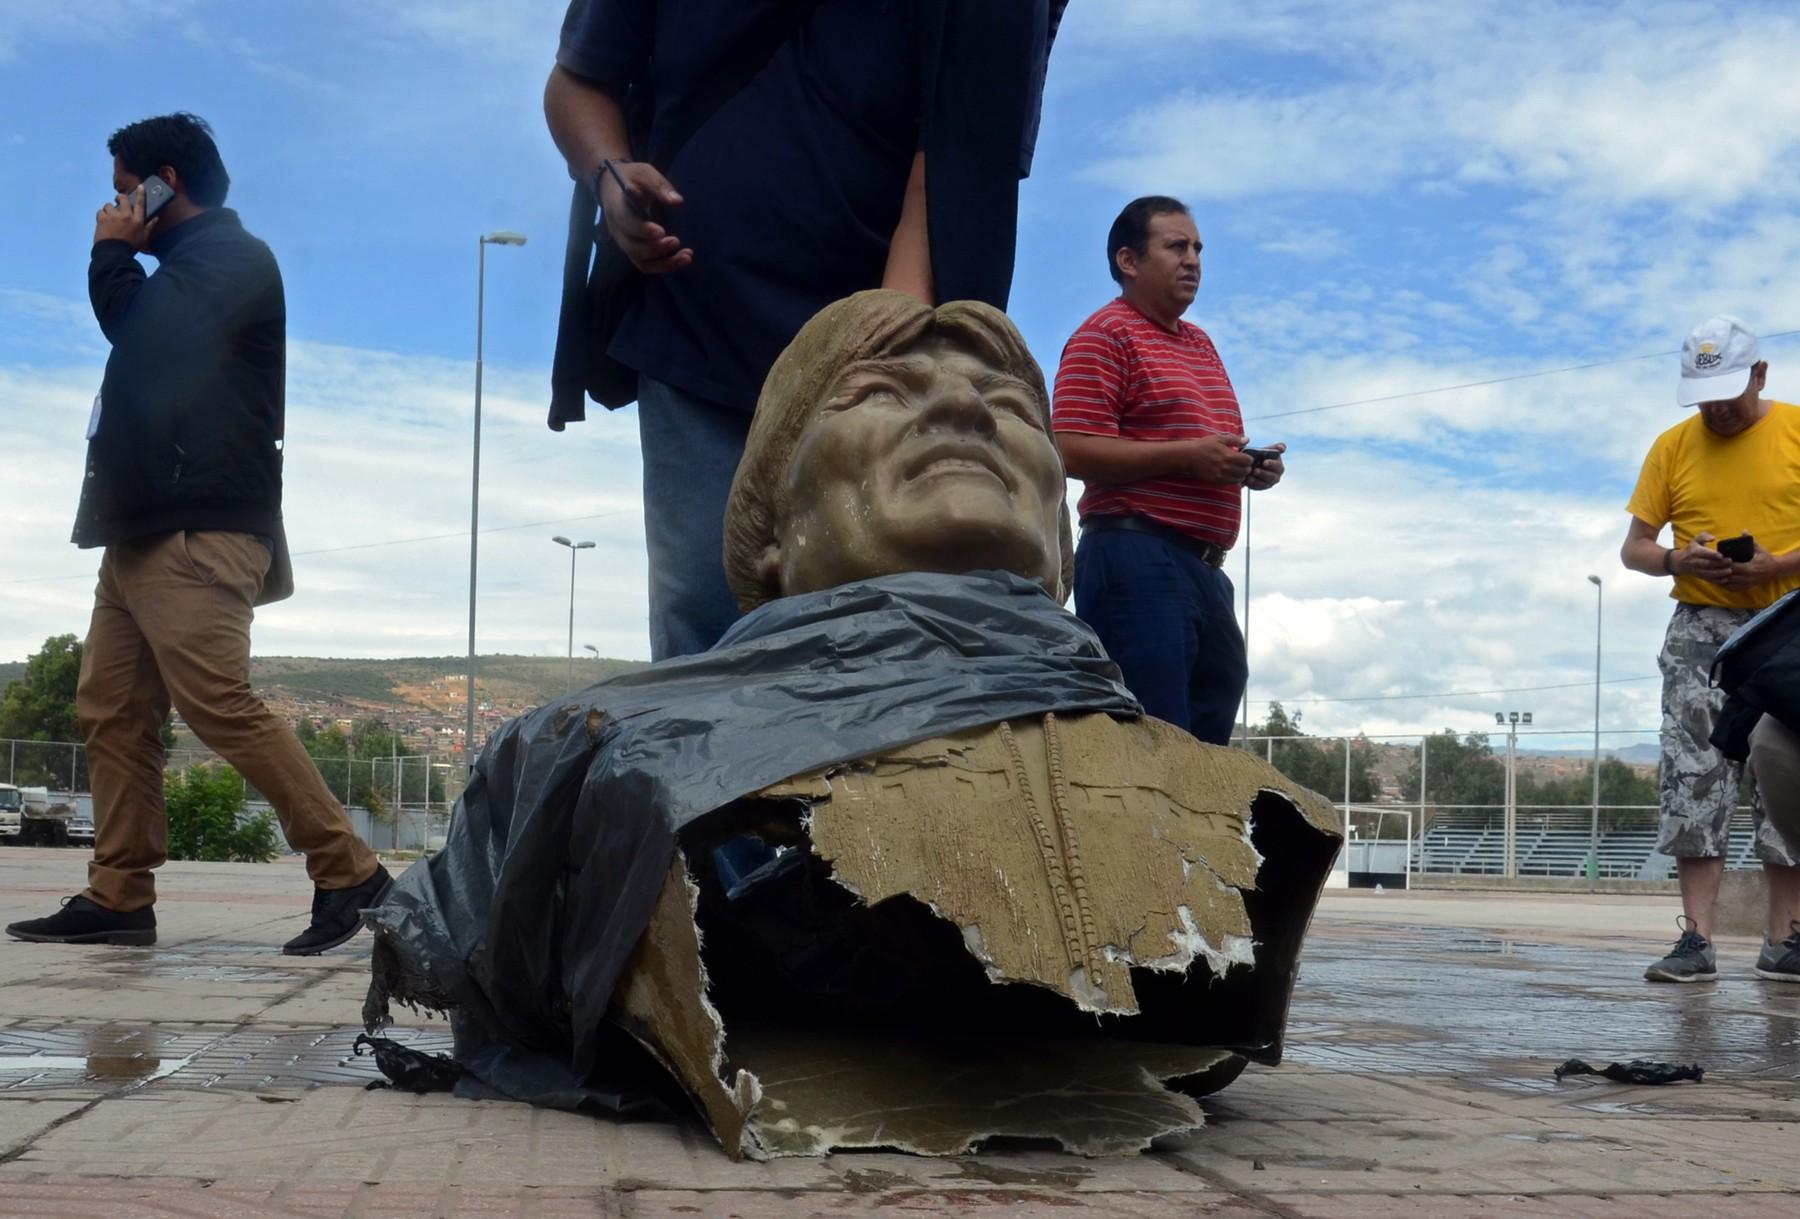 Top 10 momente în istorie când statuile unor figuri celebre au fost dărâmate